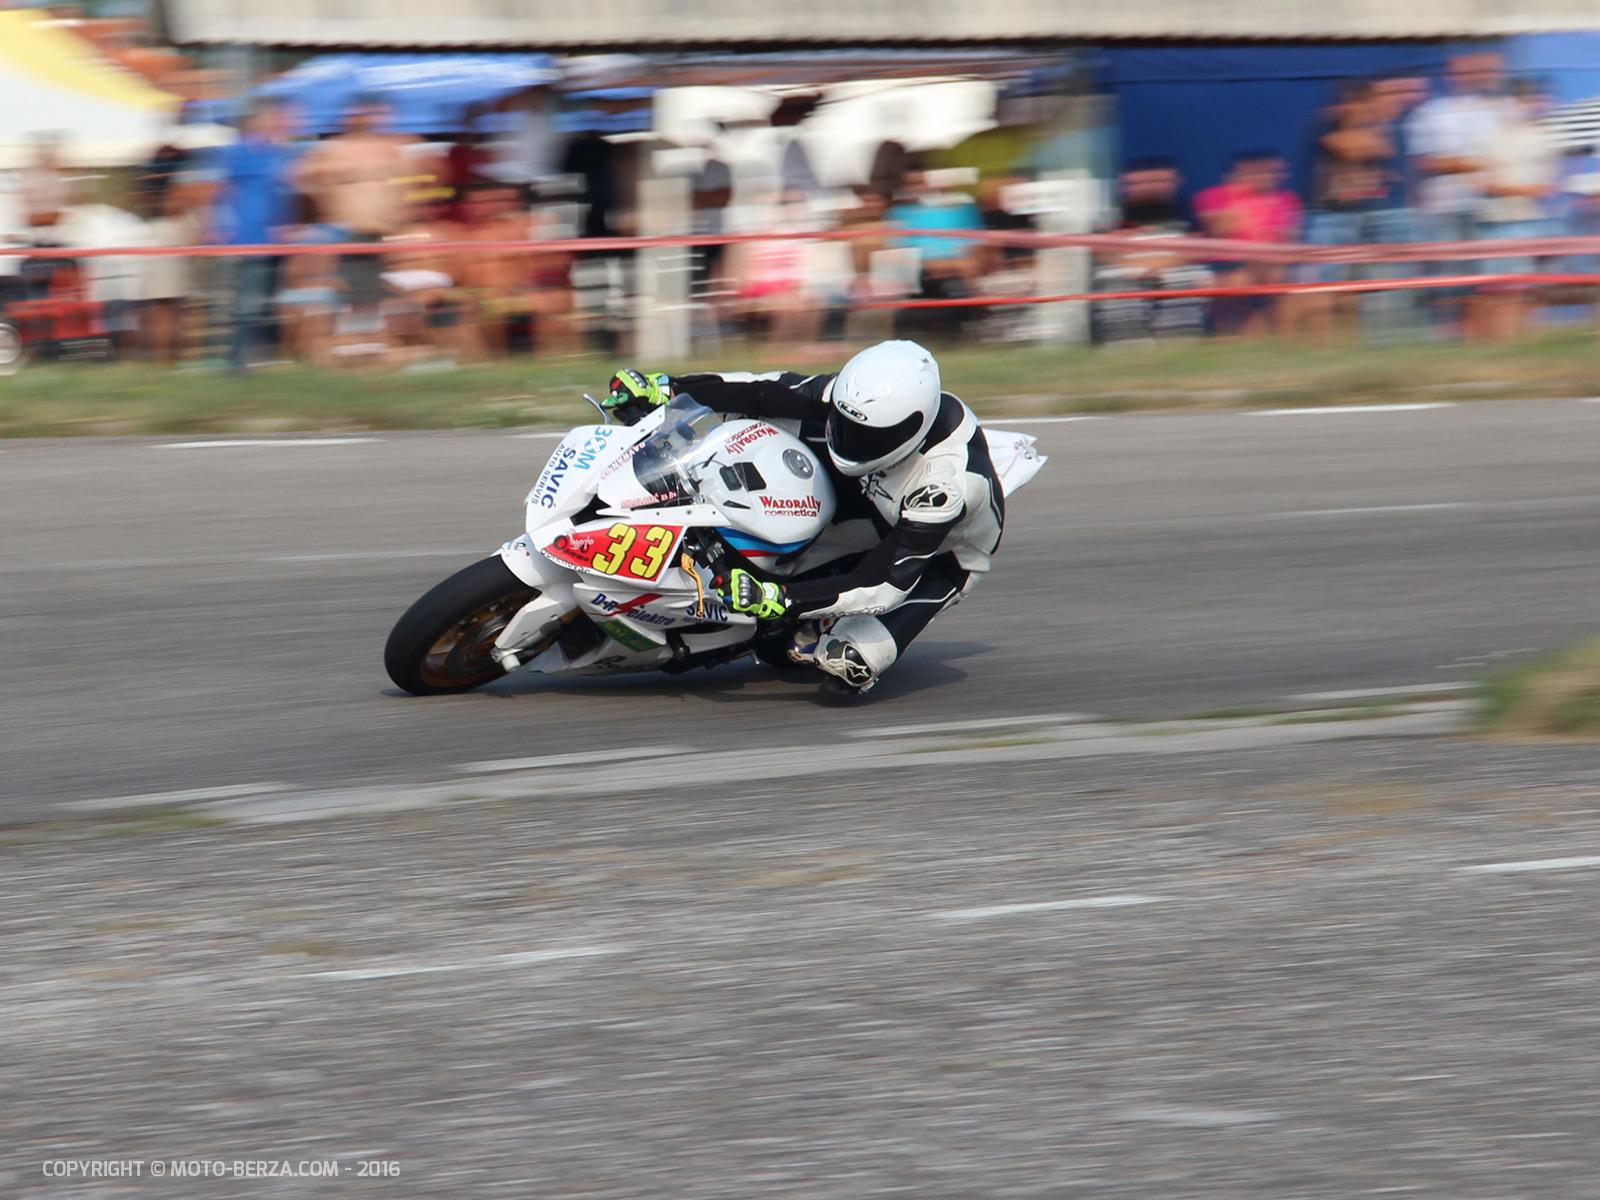 Moto trka kraljevo 2016